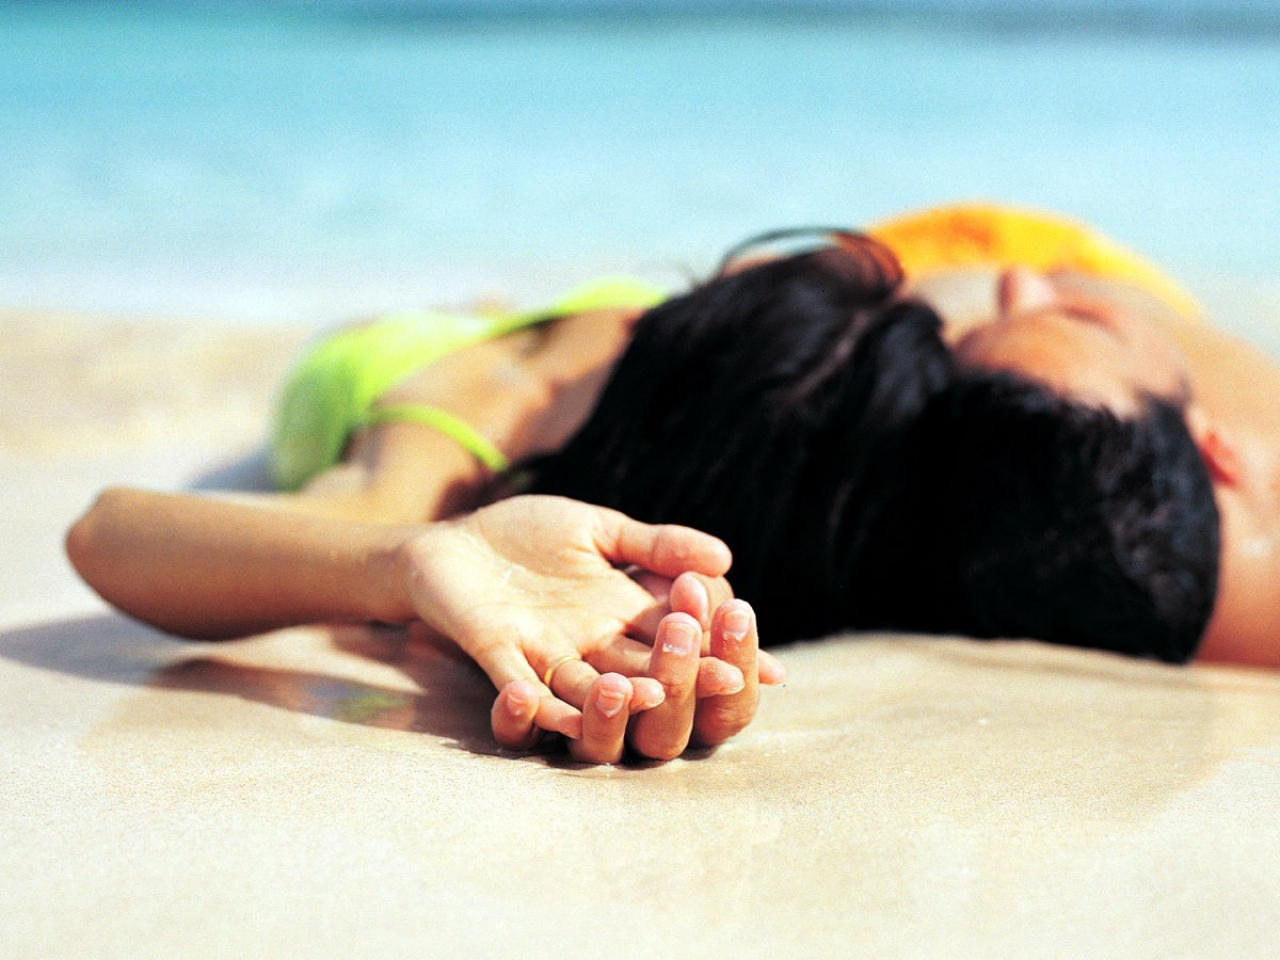 Parejas de enamorados en playa - 1280x960